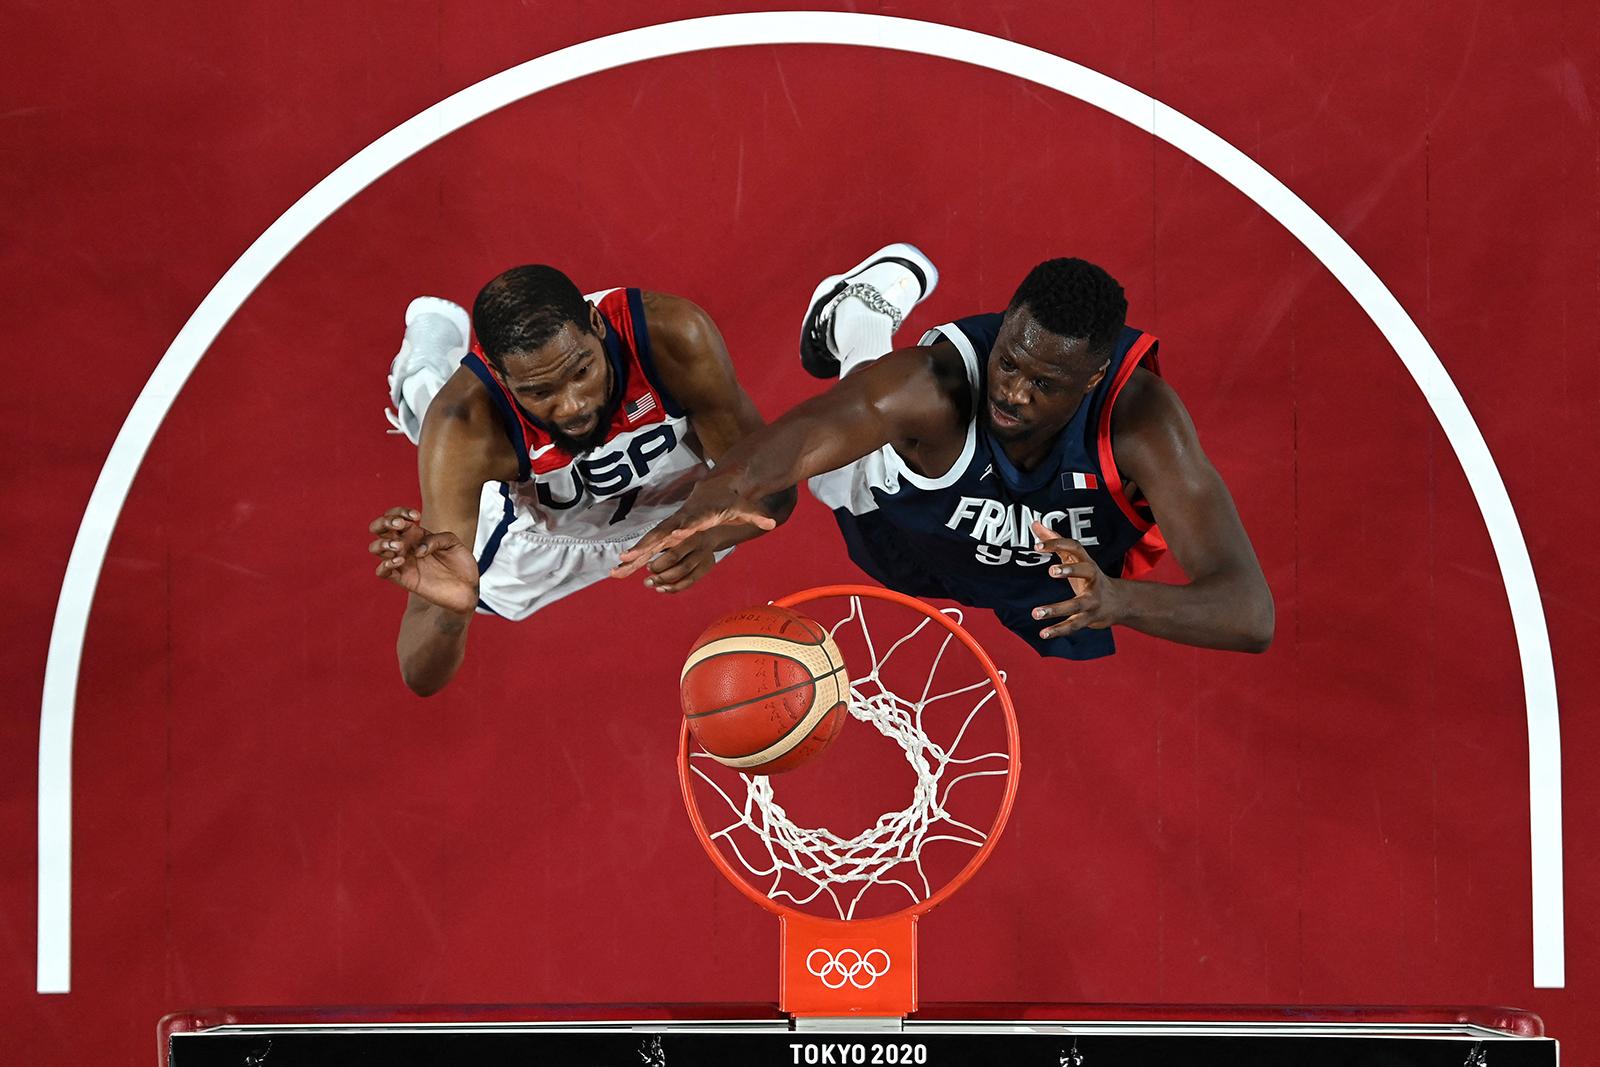 فوز منتخب السلة الامريكي بالميدالية الذهبية للرجال للأولمبياد الرابع على التوالي